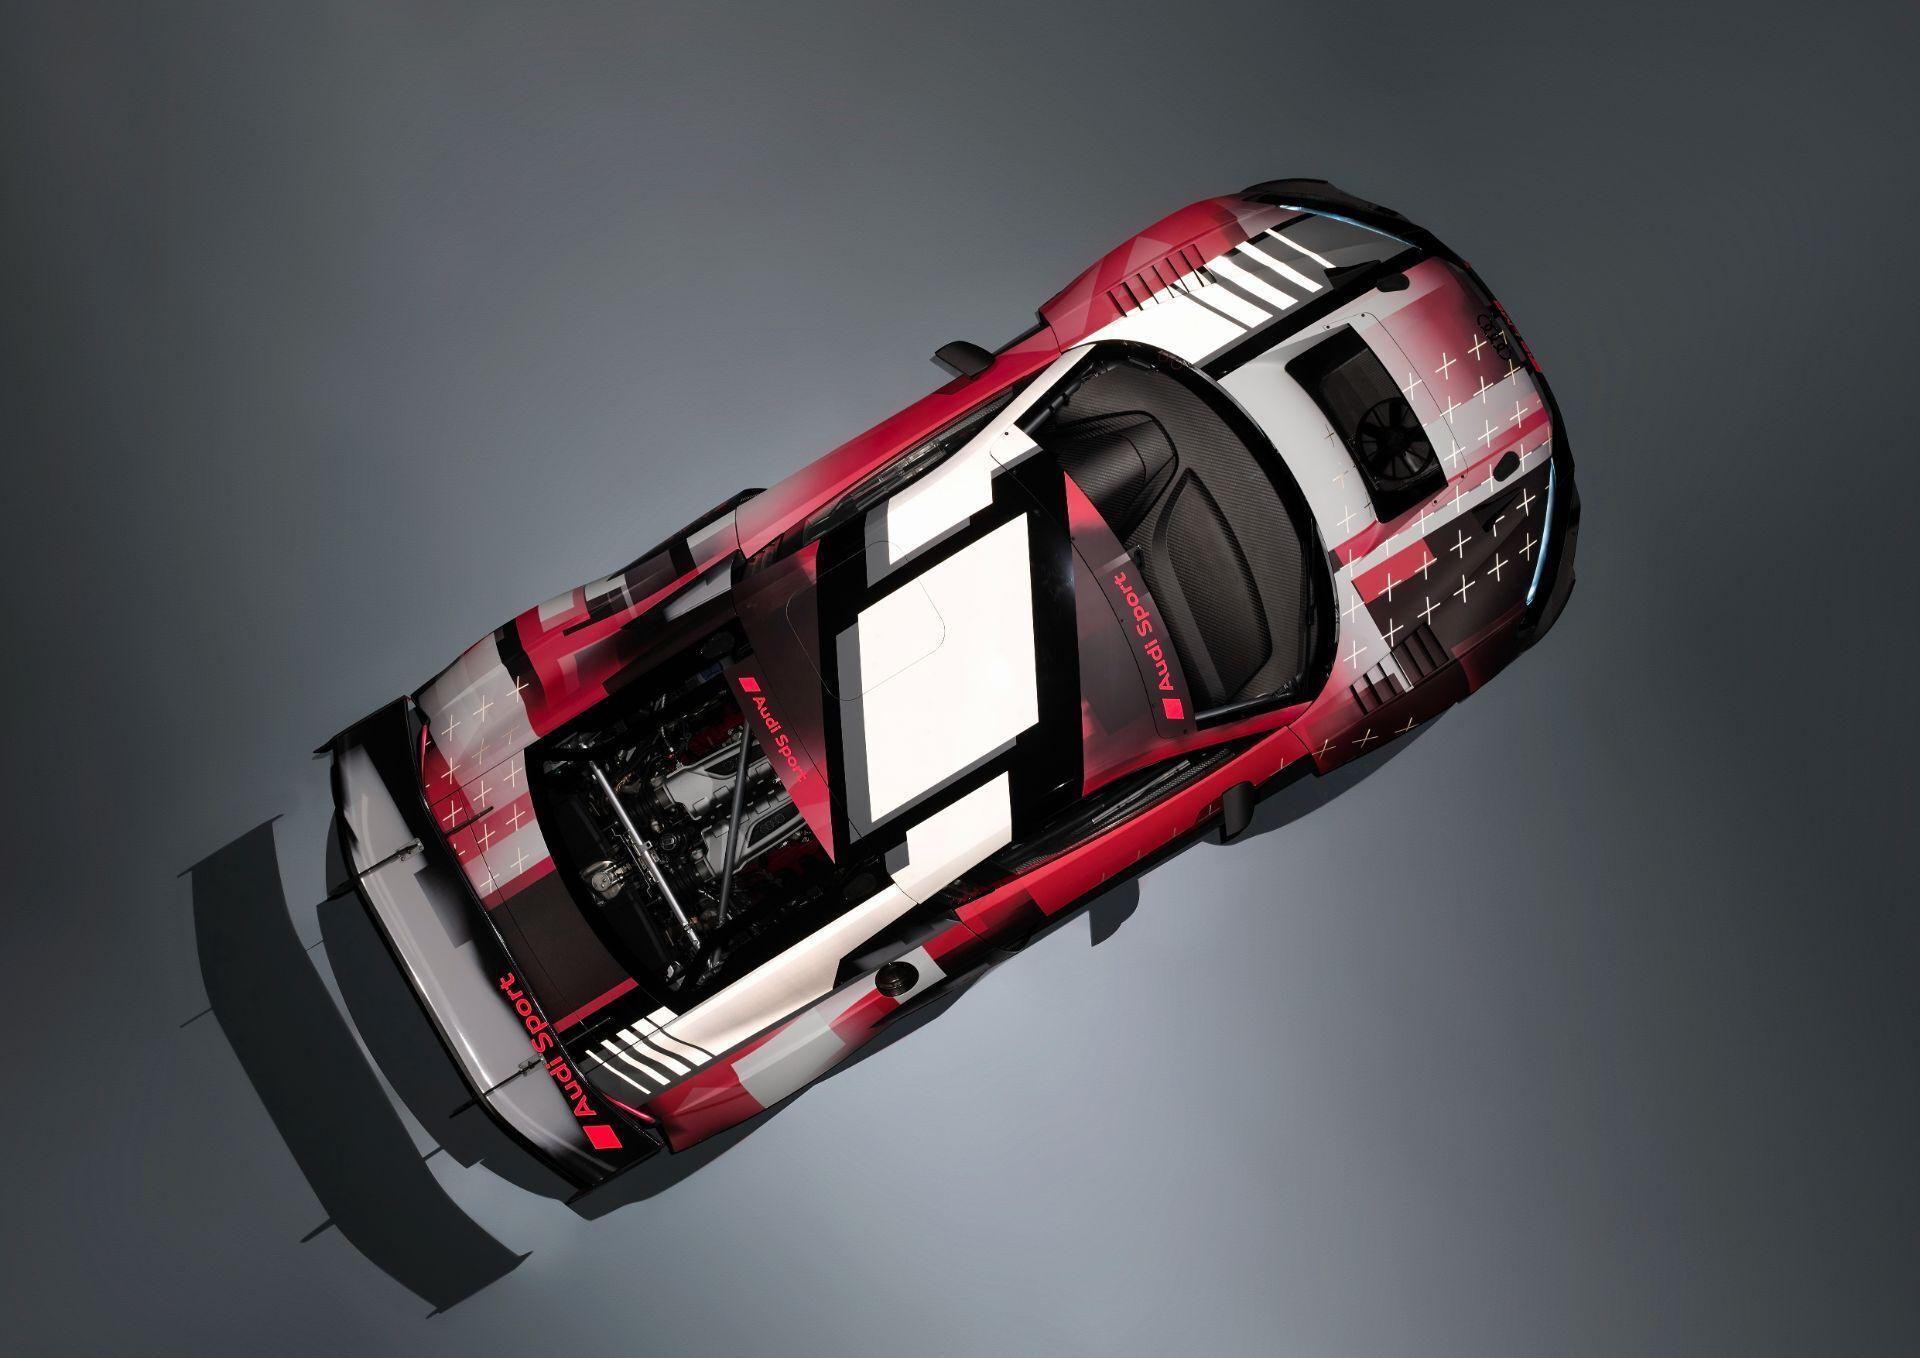 Расположенный по центру 5,2-литровый V10 развивает мощность 585 л.с.